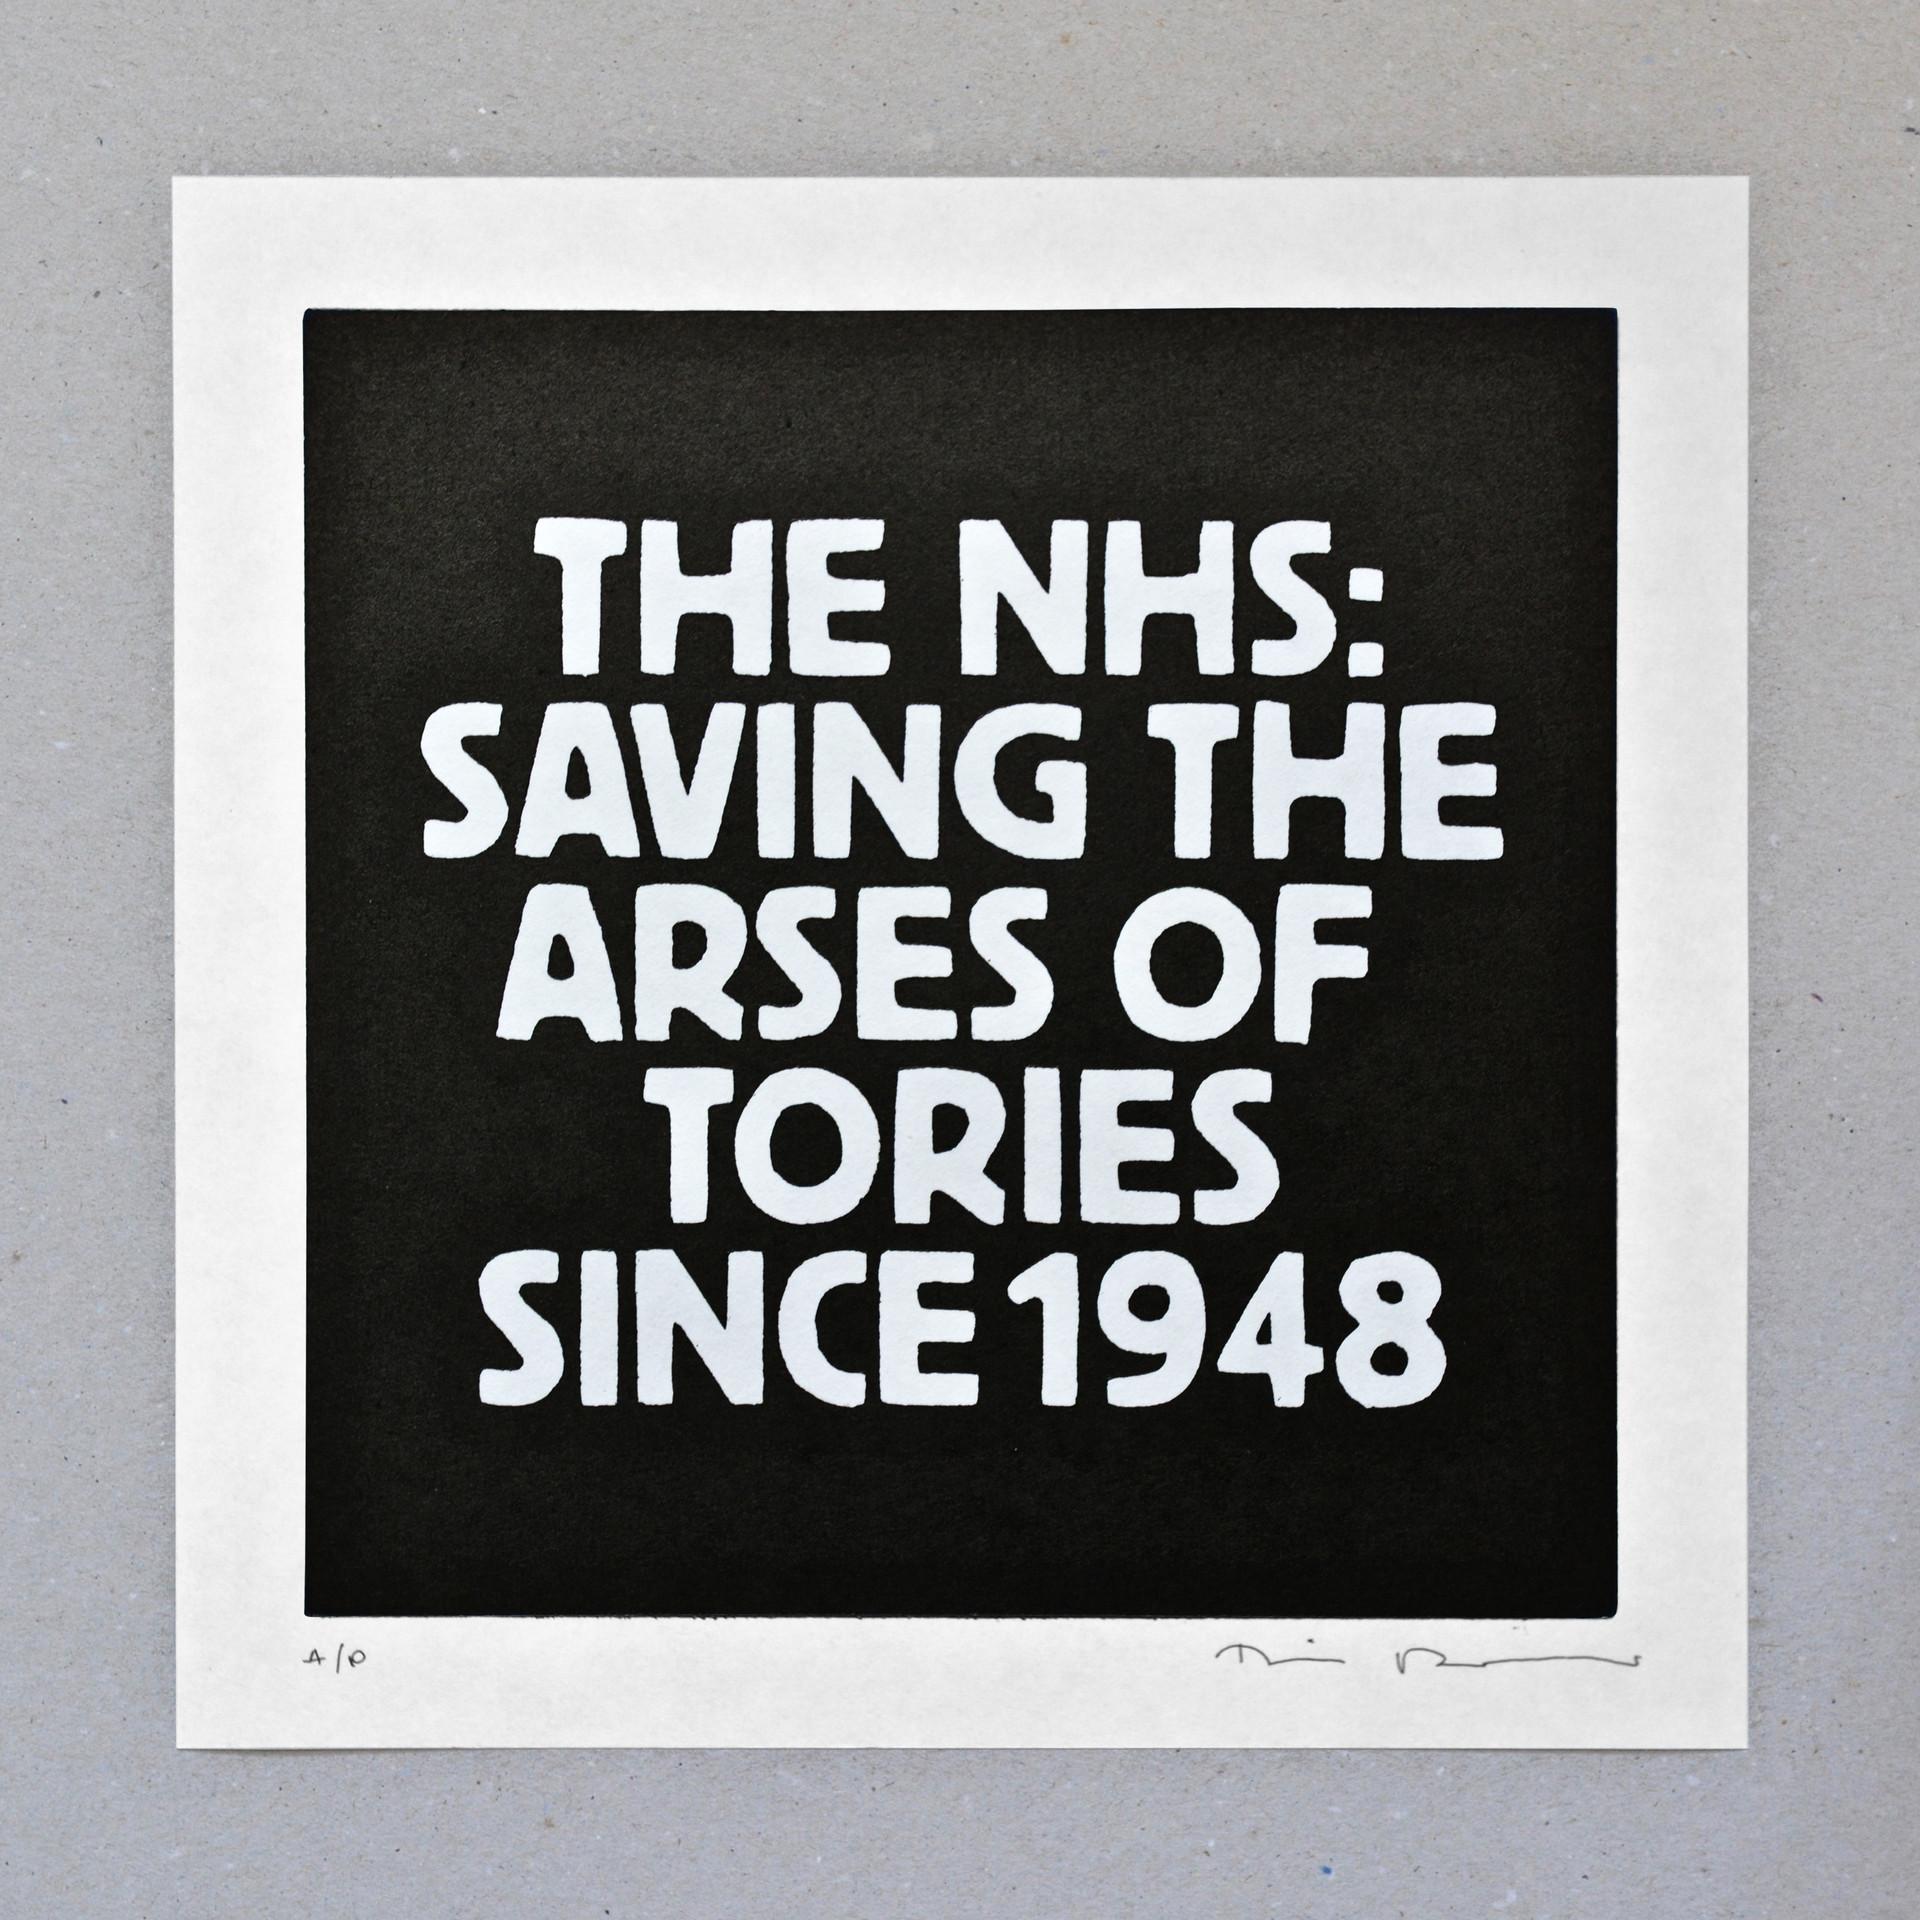 THE_NHS.jpg